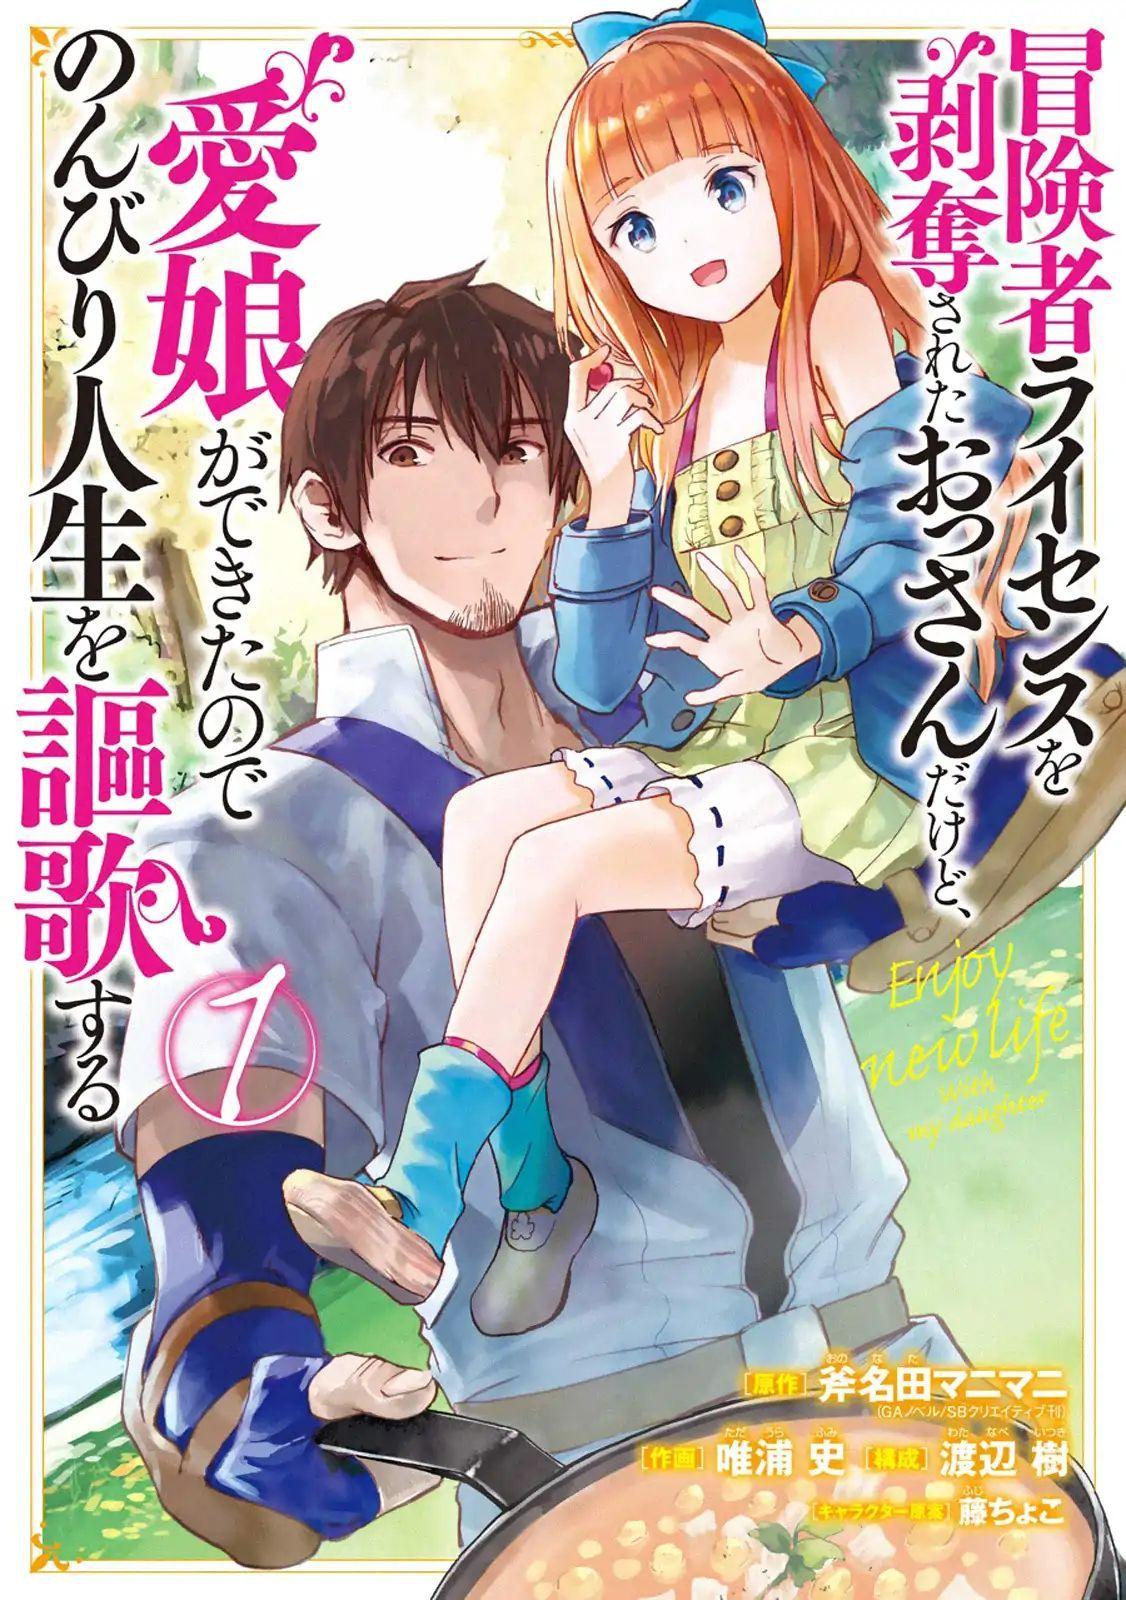 Boukensha License o Hakudatsu Sareta Ossan Dakedo, Manamusume ga Dekita no de Nonbiri Jinsei-ตอนที่ 1.1